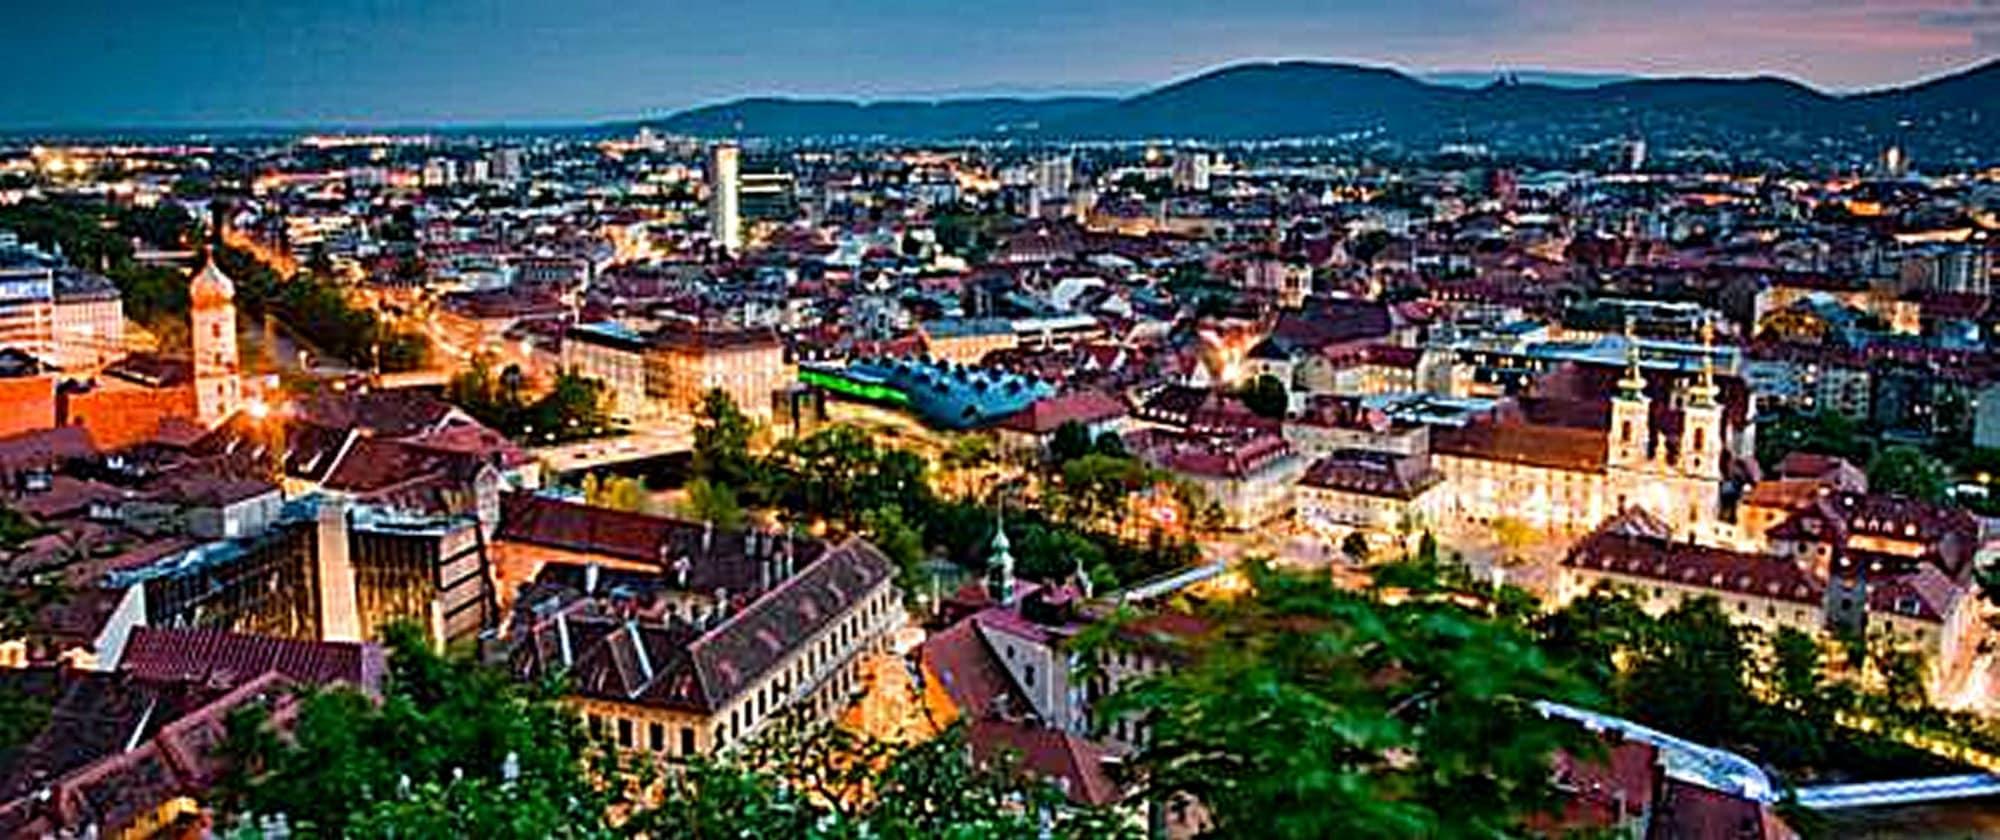 SchlossbergView - Apartment, Graz